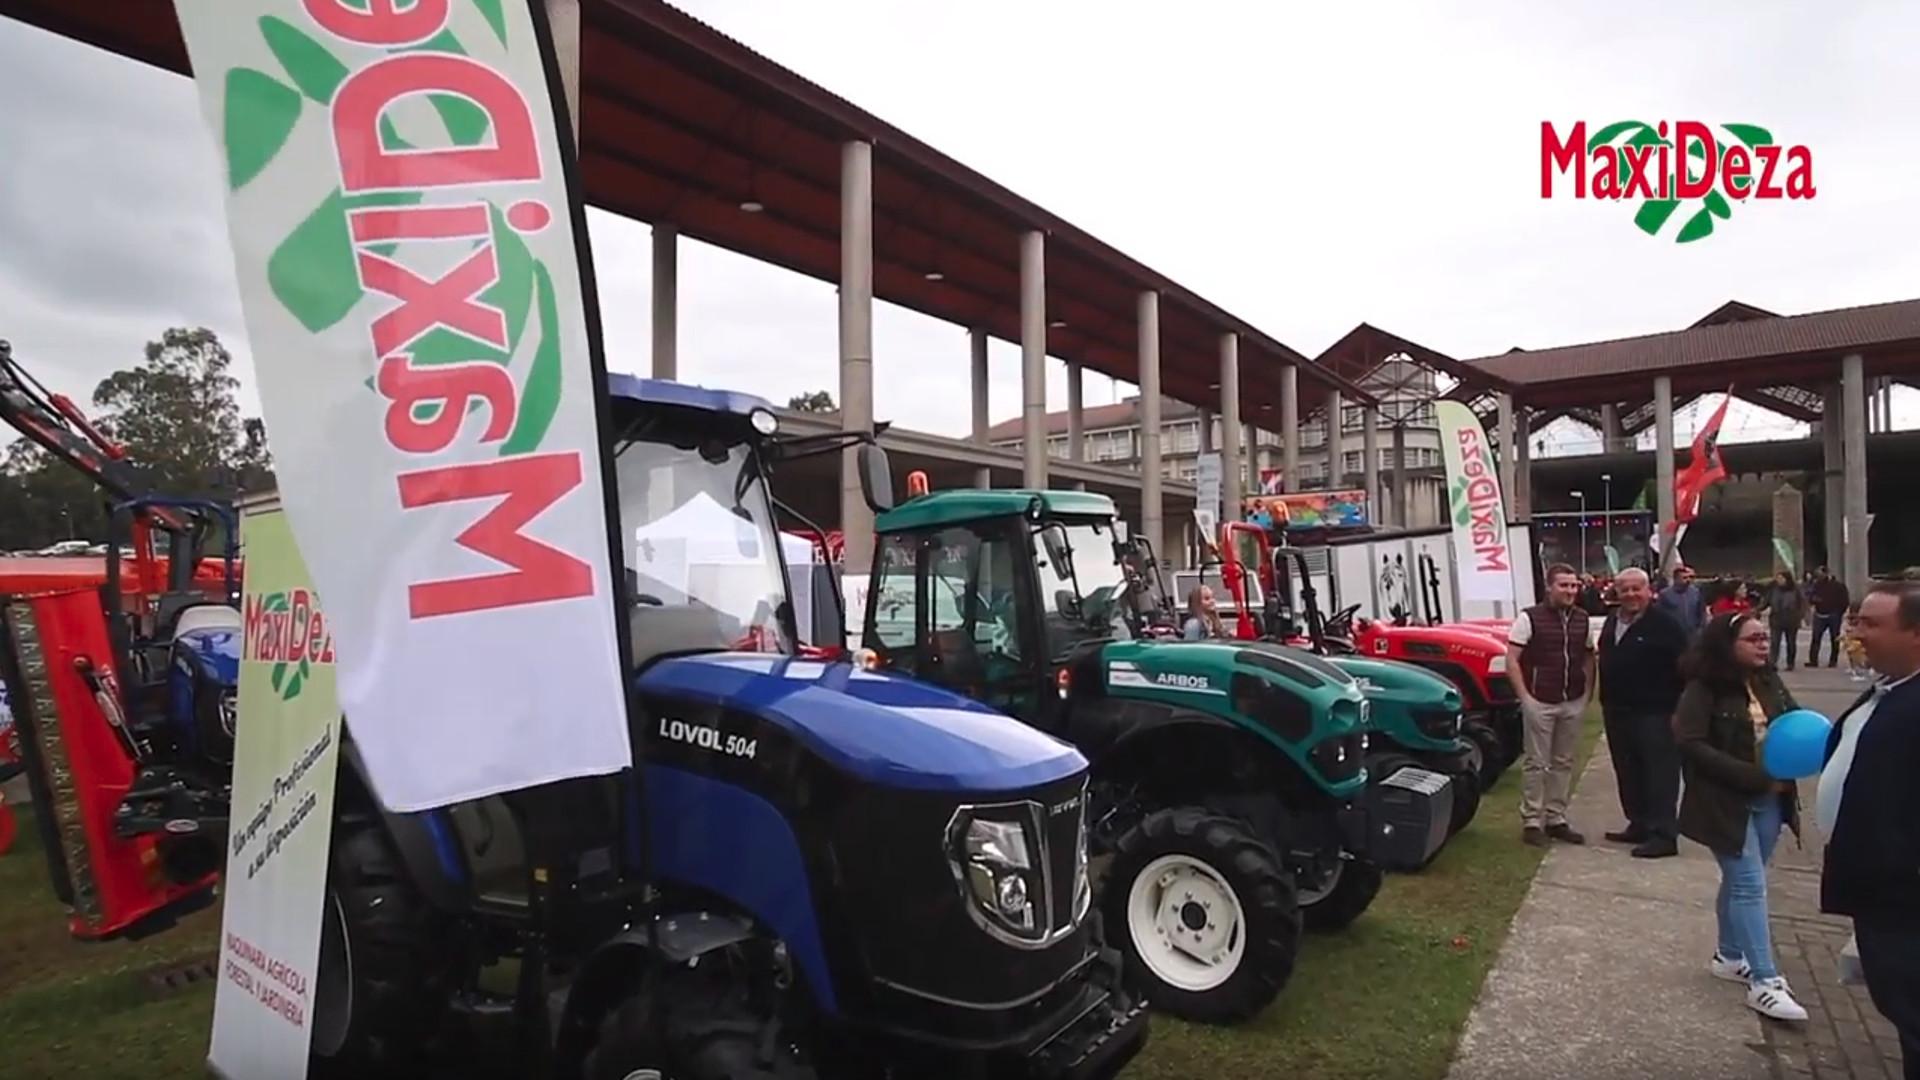 maxideza-semana-verde-2018-1920